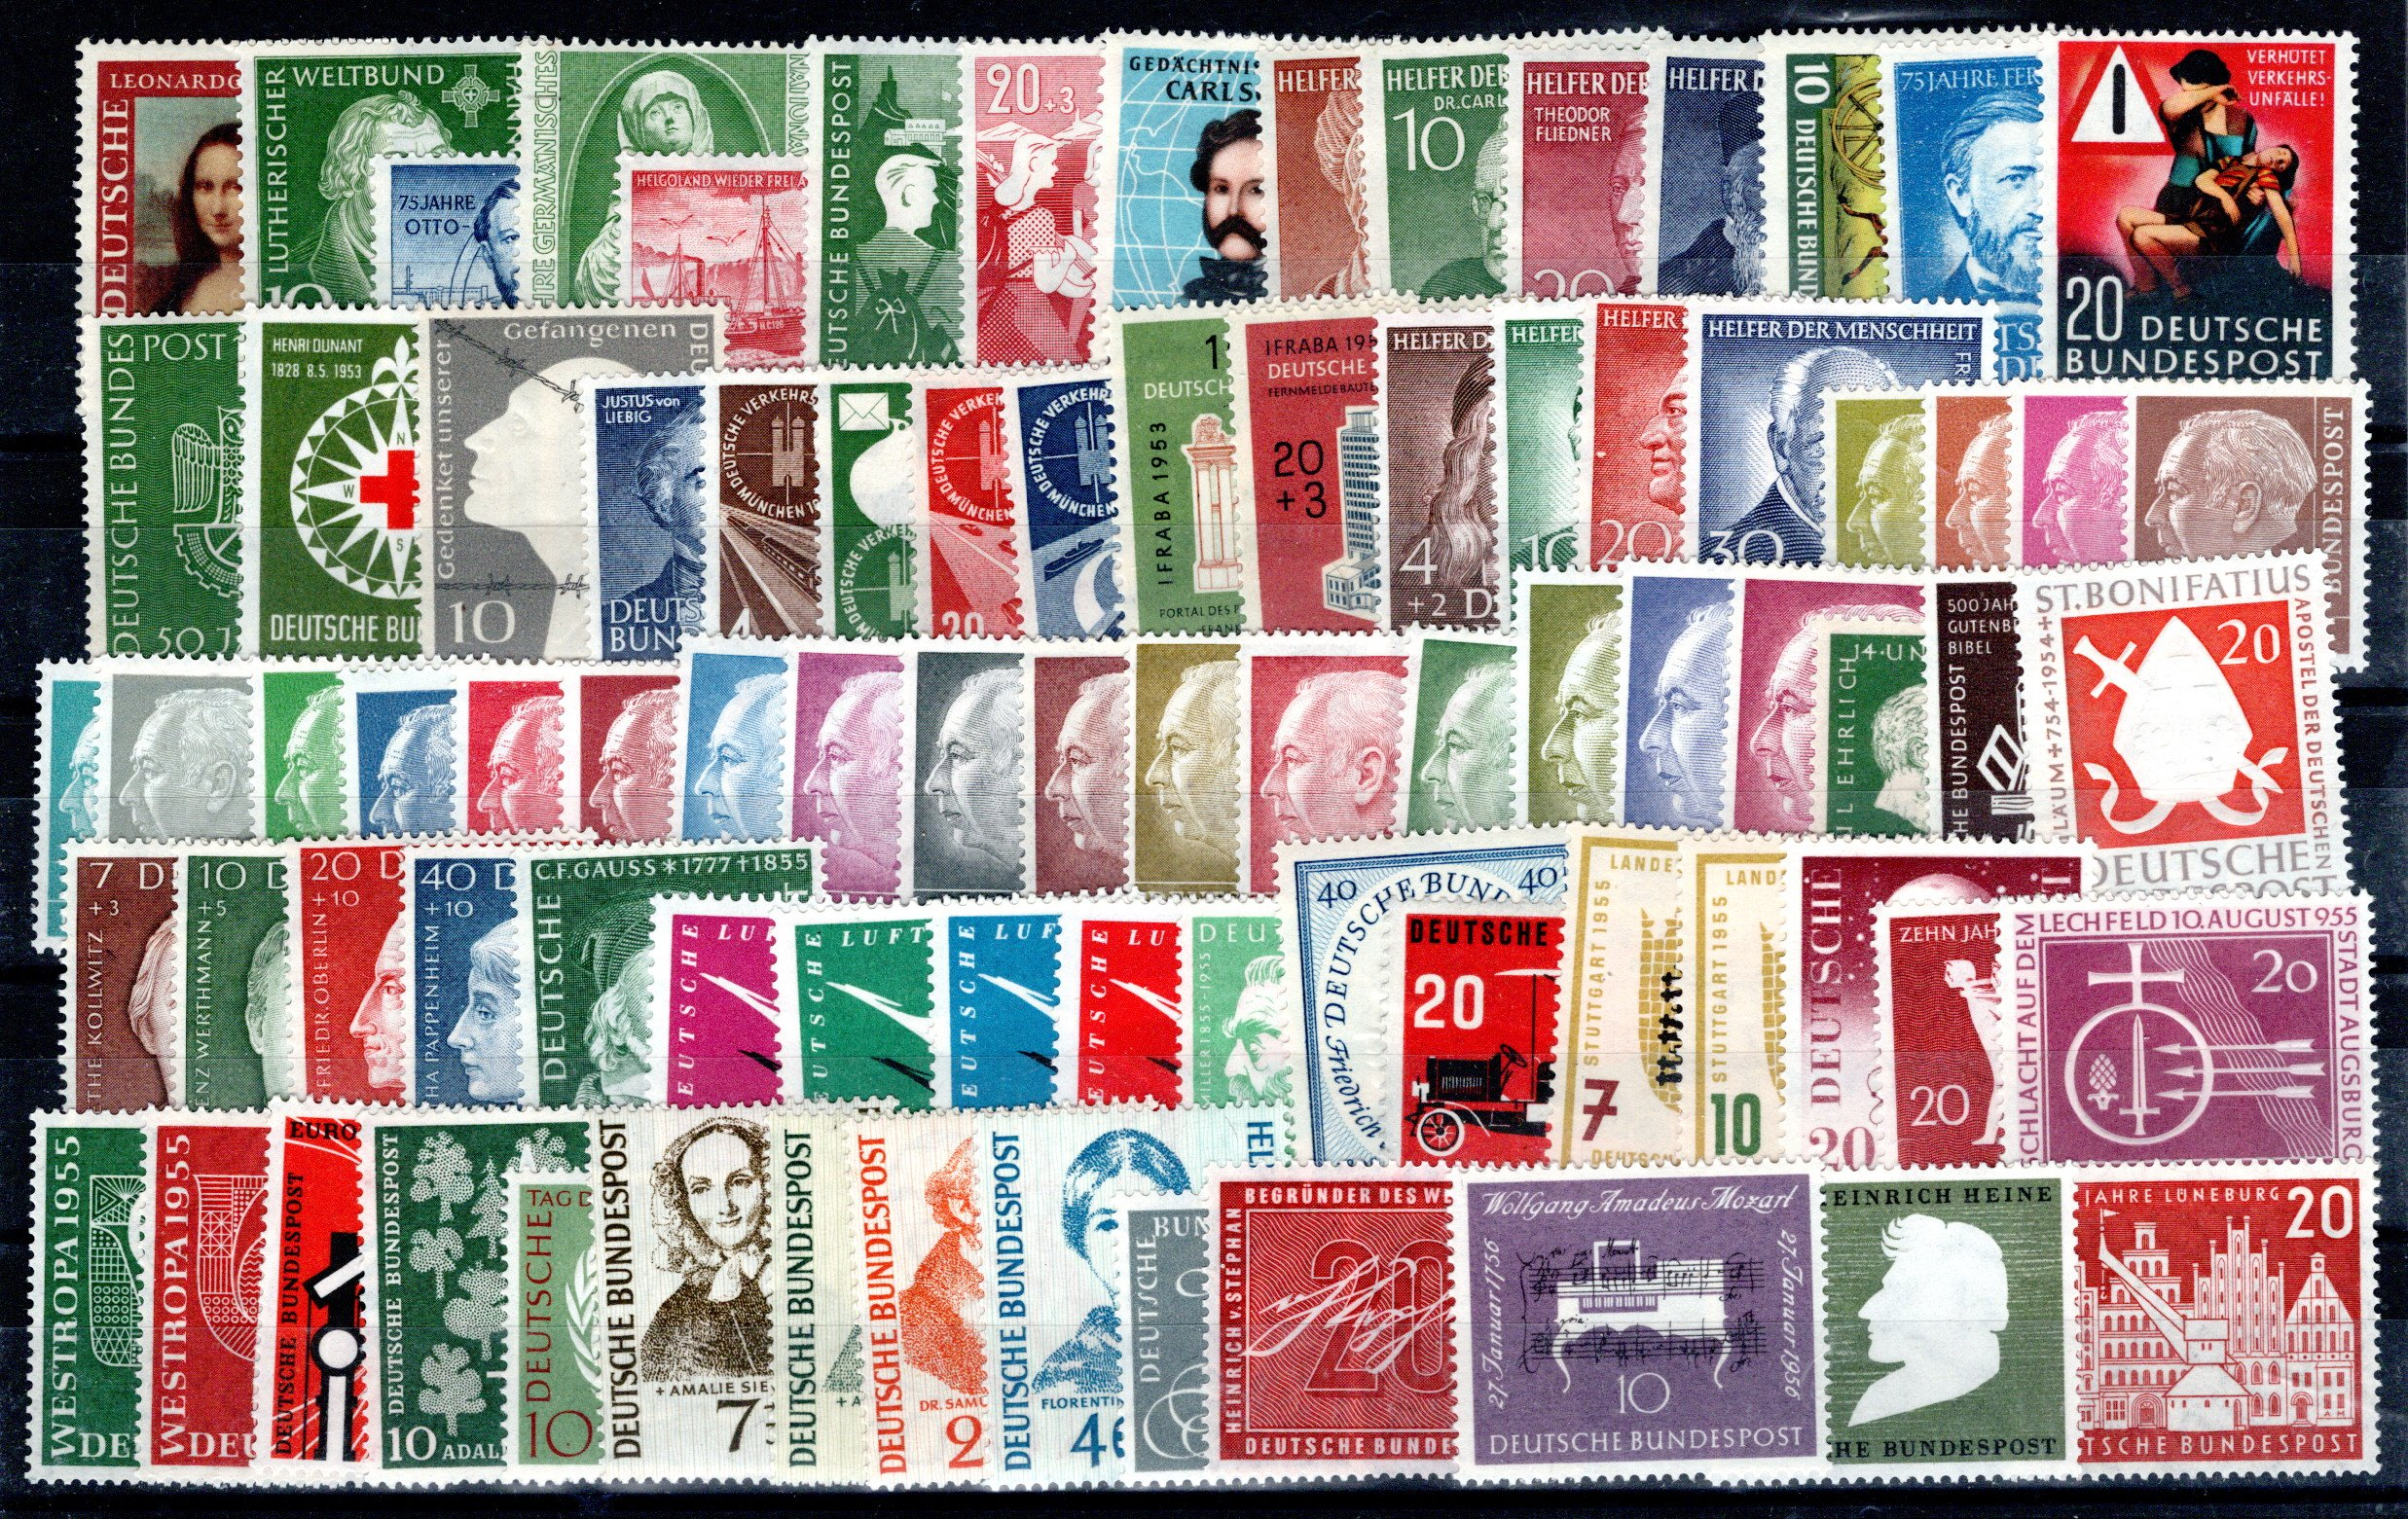 Lot 4268 - germany federal republic -  Georg Bühler Briefmarken Auktionen GmbH 27th mail bid auction